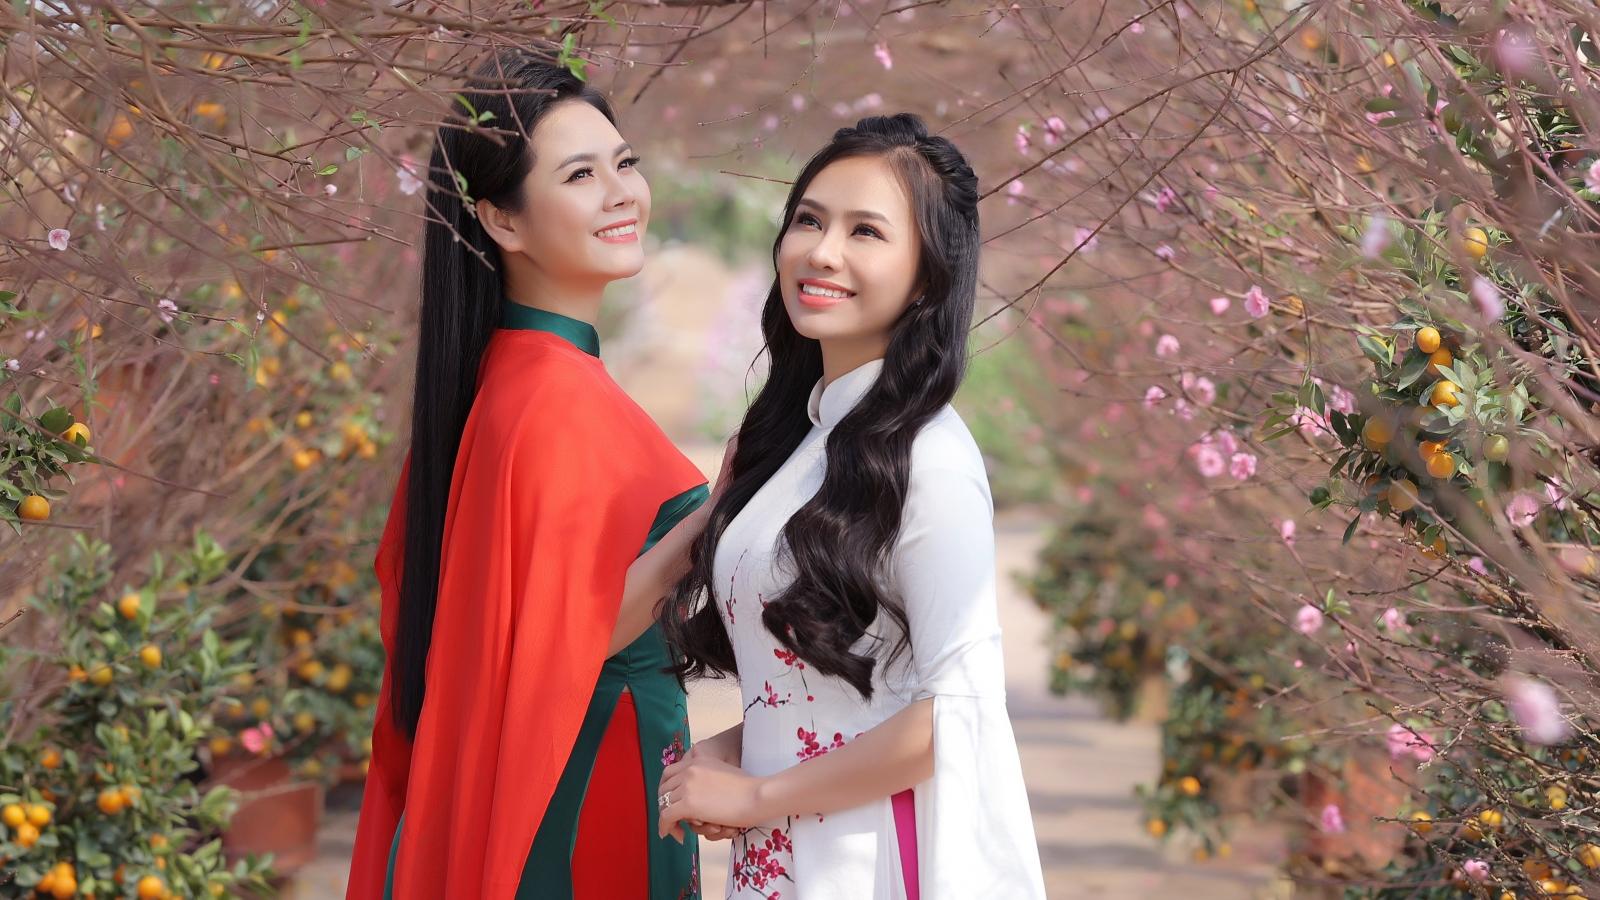 Chị em Sao Mai Lương Nguyệt Anh chia sẻ chuyện đón Tết khi bị huỷ show vì Covid-19